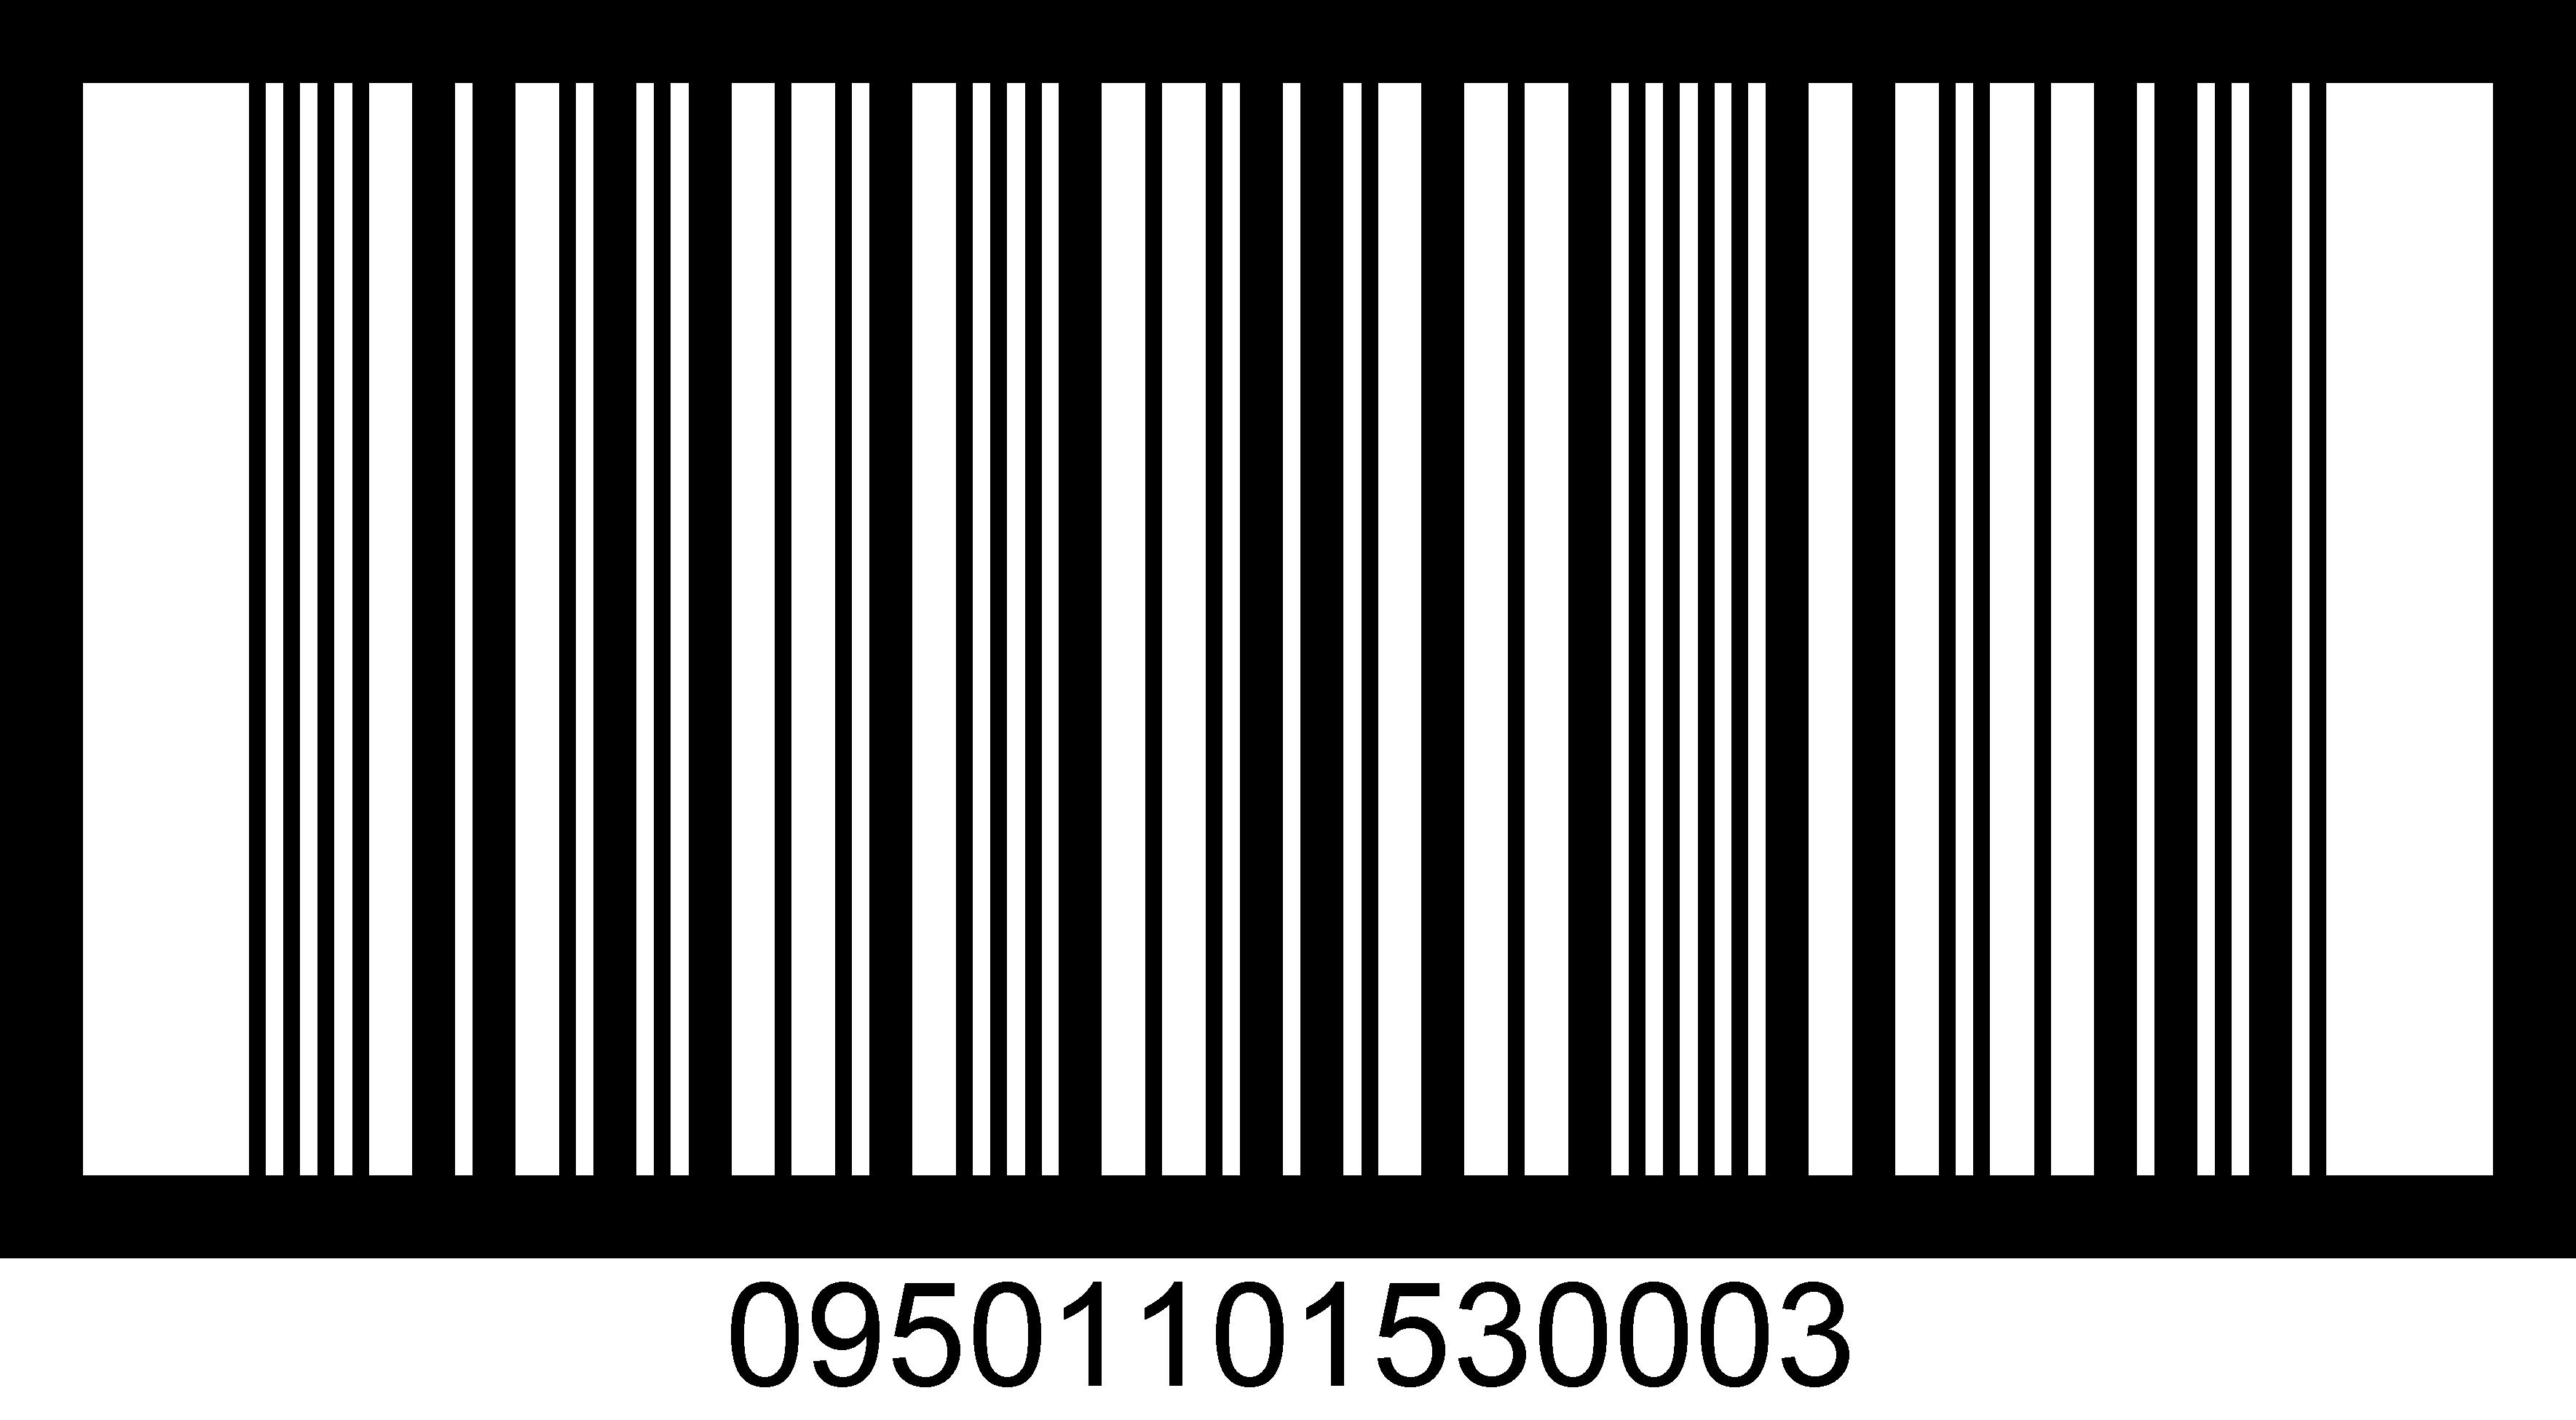 1D barcode ITF-14